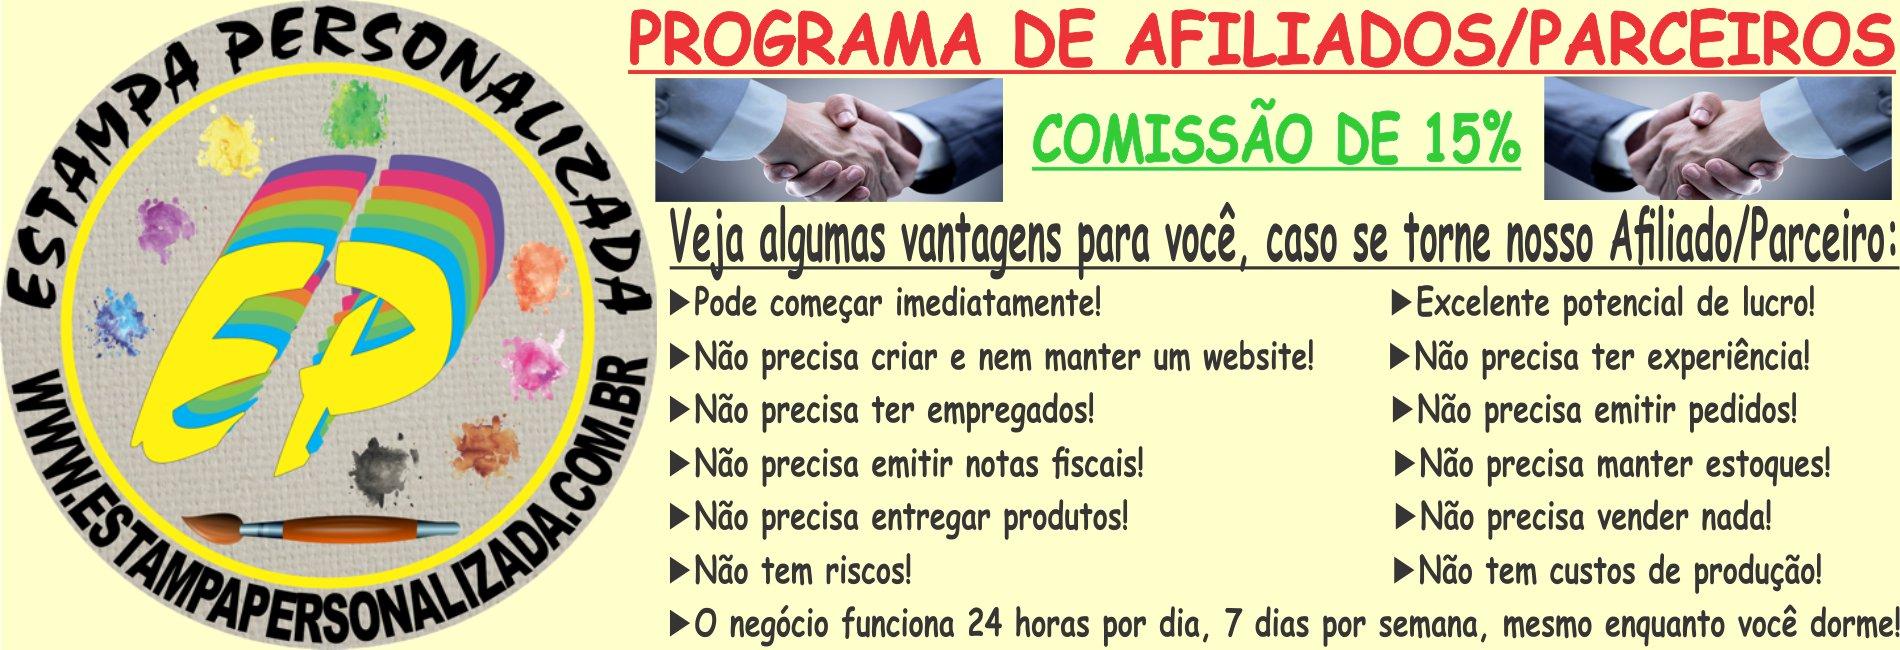 PROGRAMA DE AFILIADOS/PARCEIROS